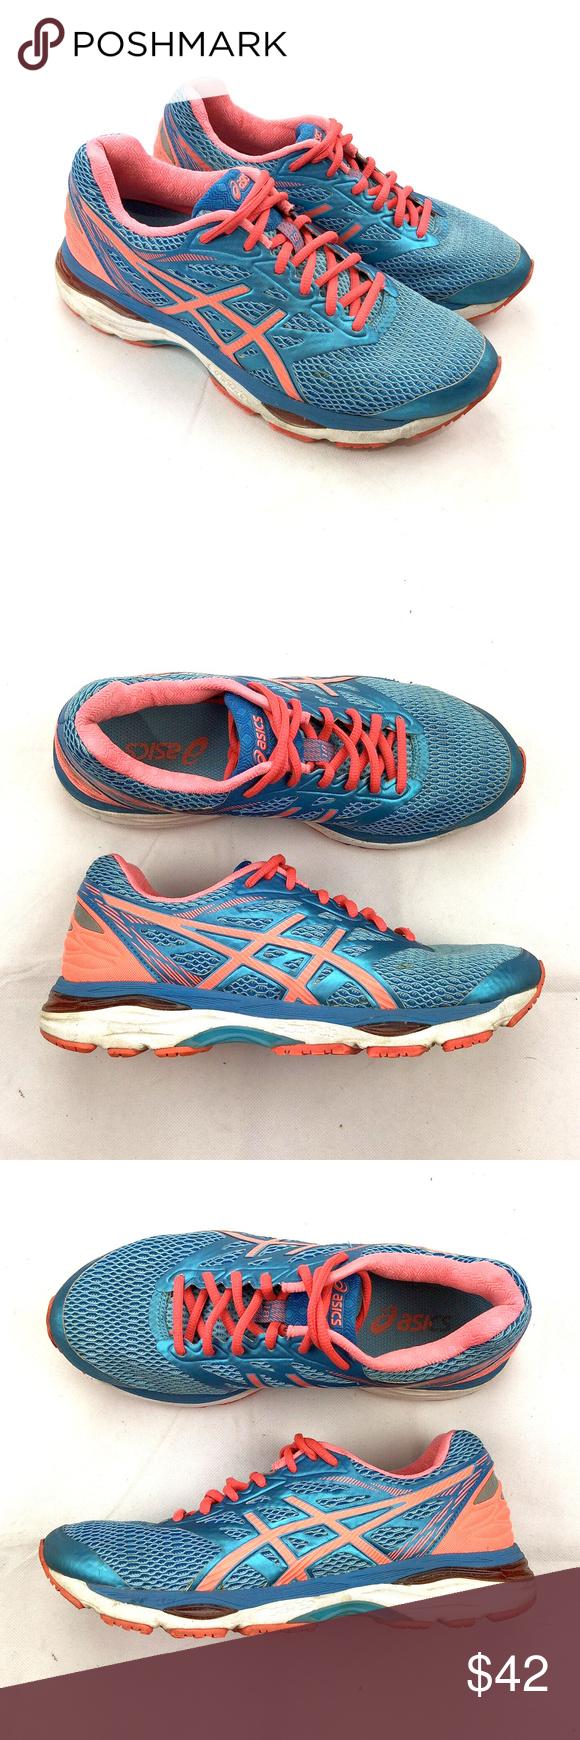 Asics Gel Cumulus 18 Women S Running Shoes Blue Womens Running Shoes Blue Shoes Running Women